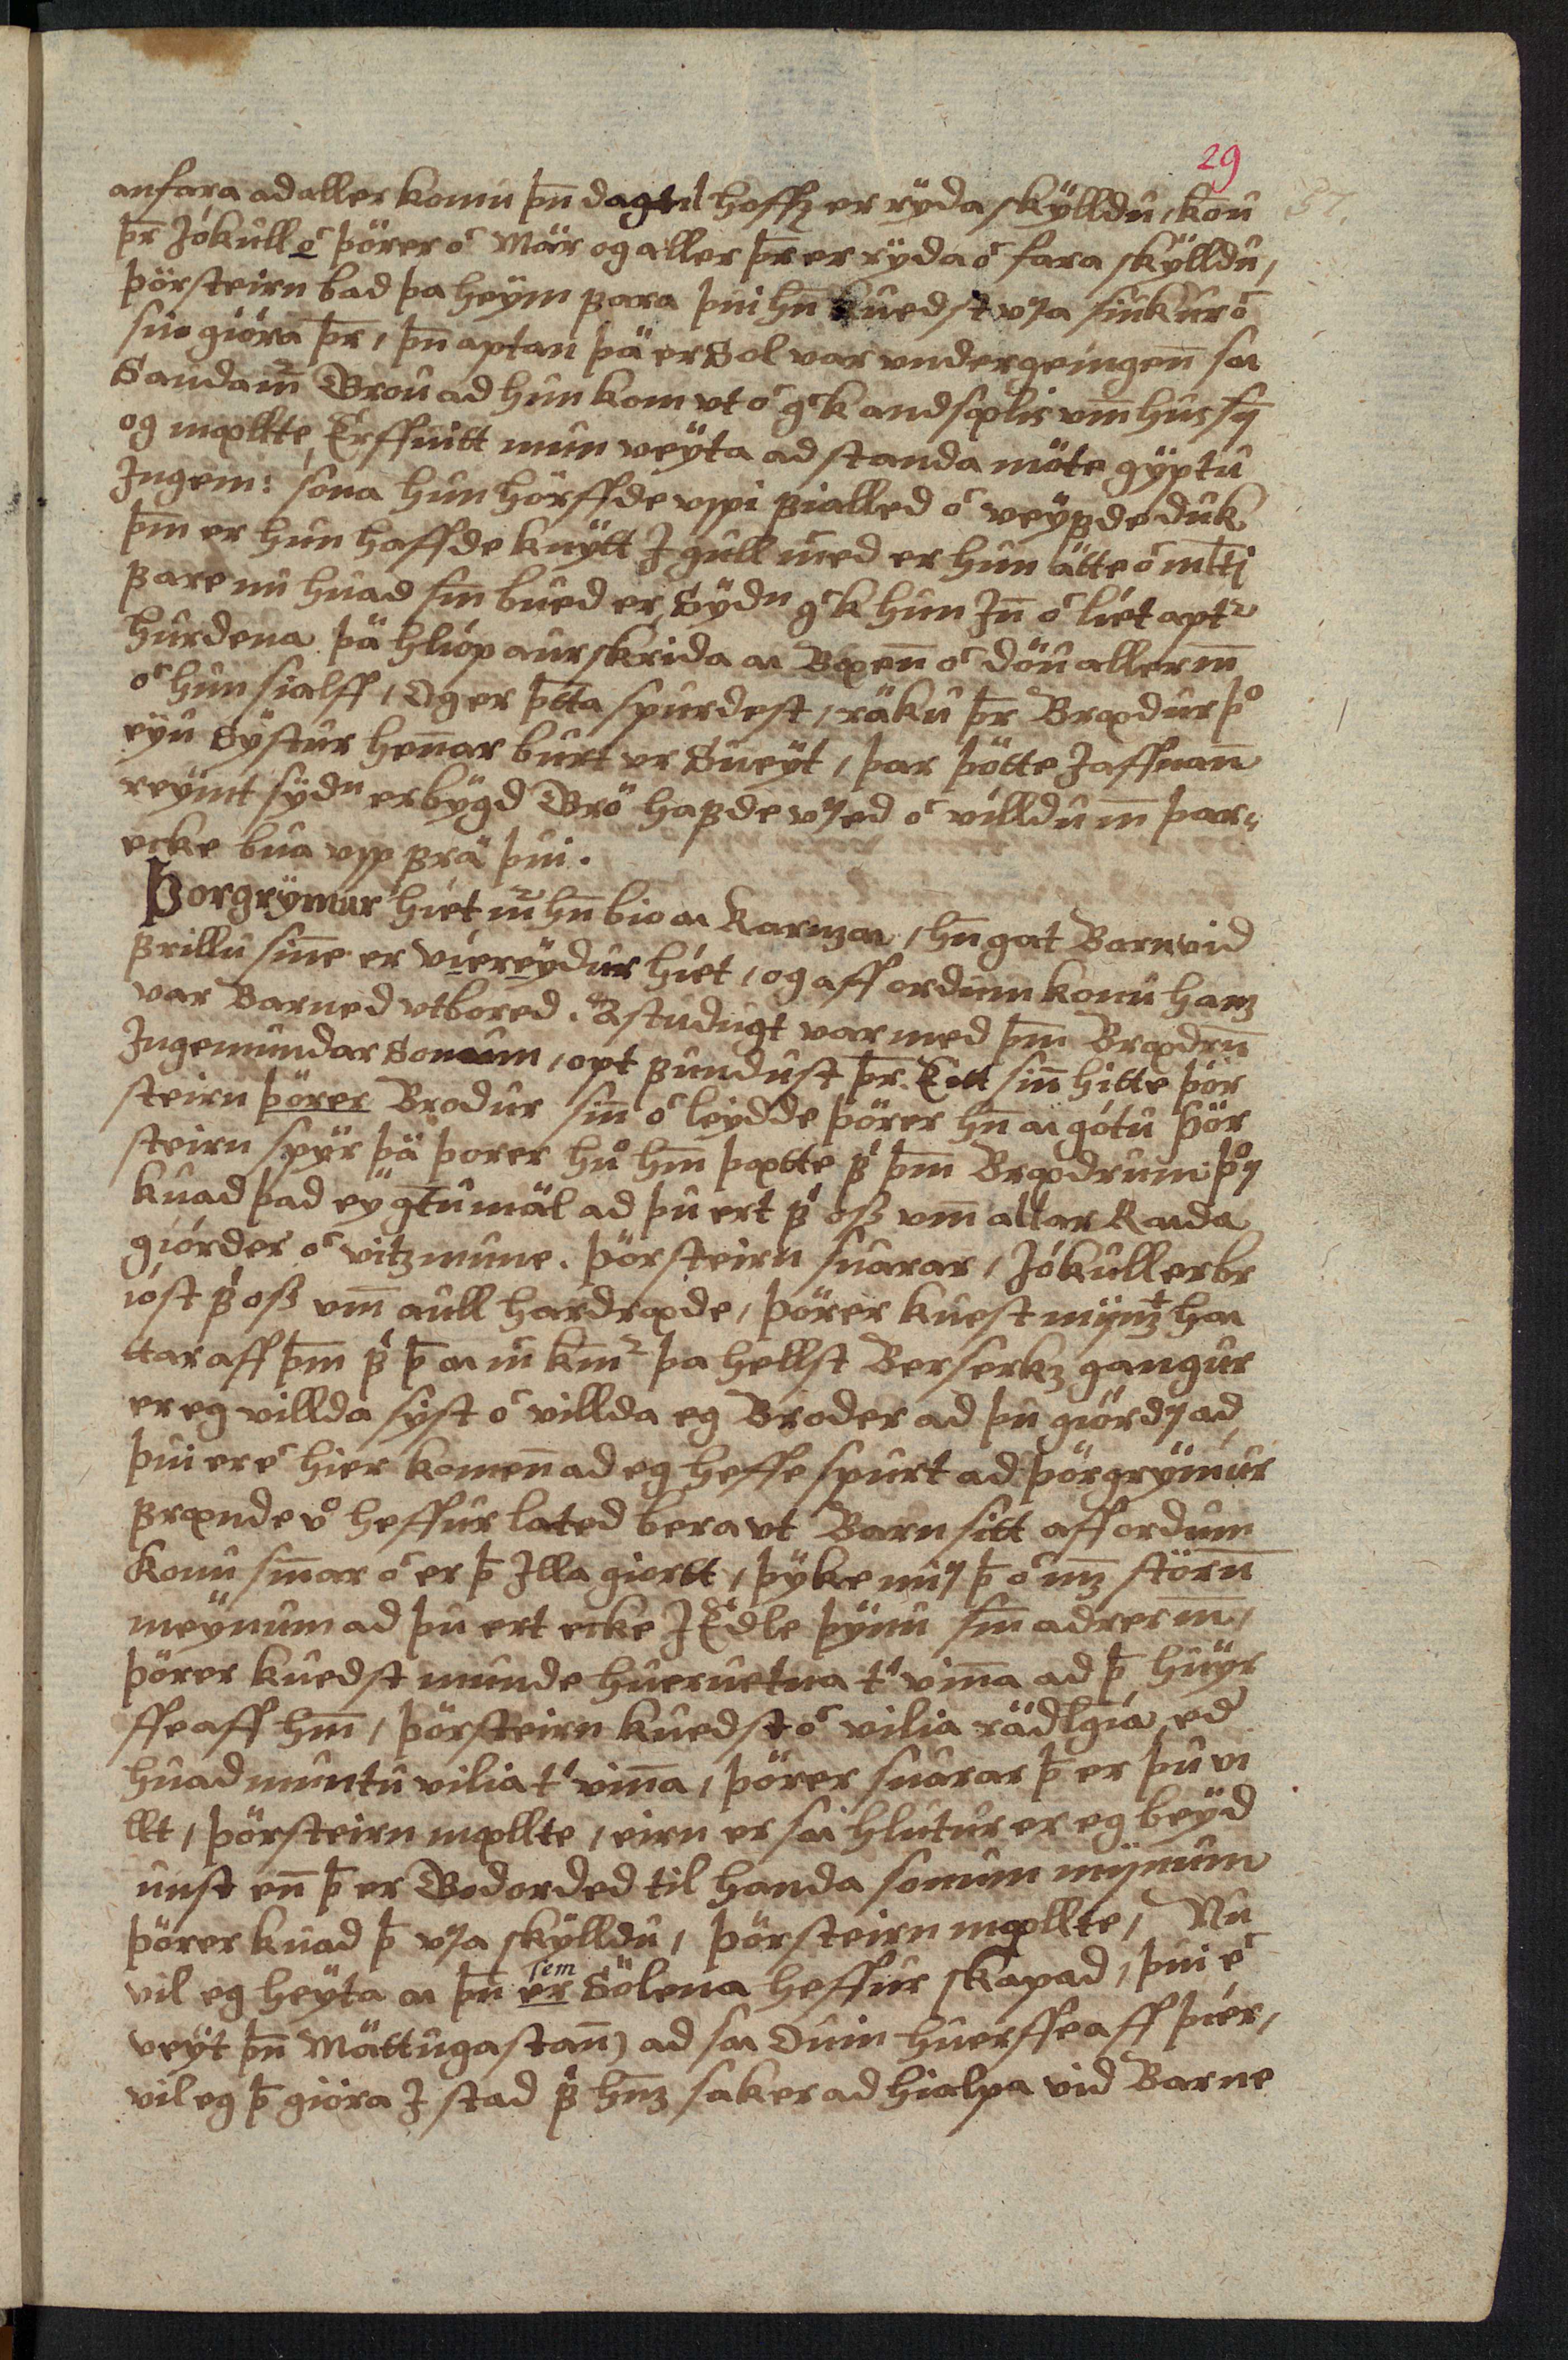 AM 138 fol - 29r